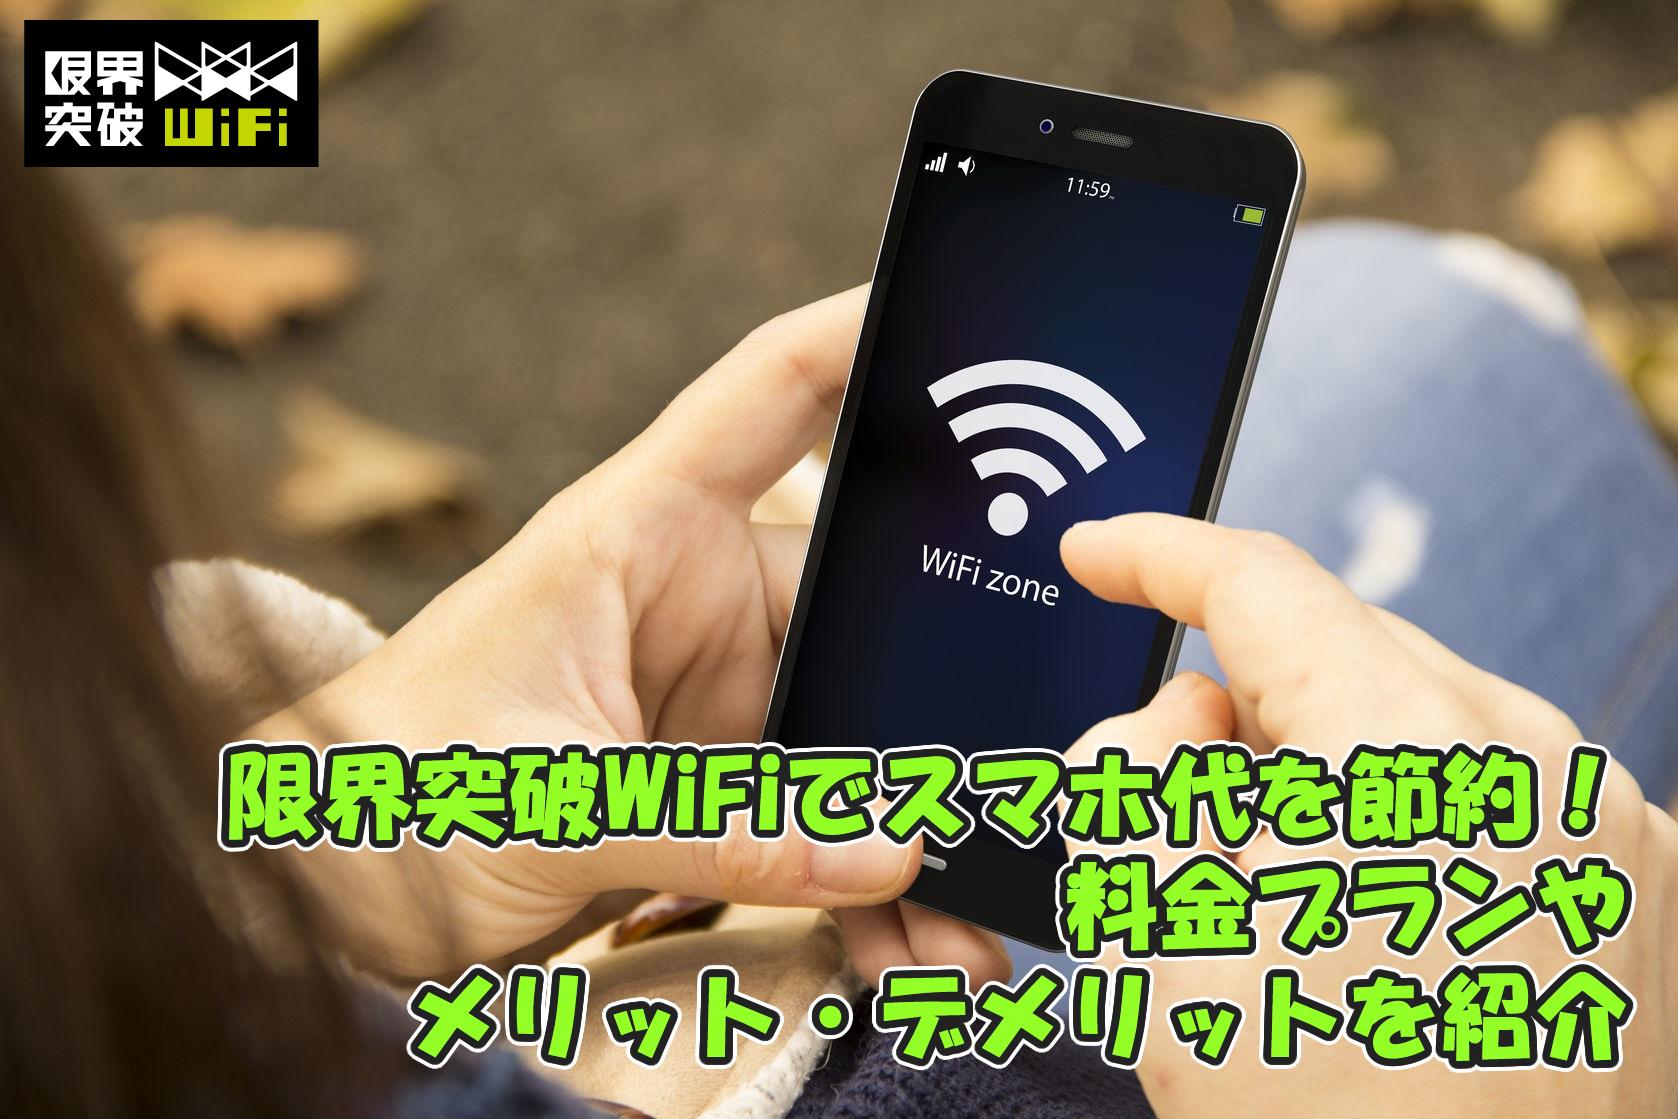 限界突破WiFiでスマホ代を節約!料金プランやメリット・デメリットを紹介